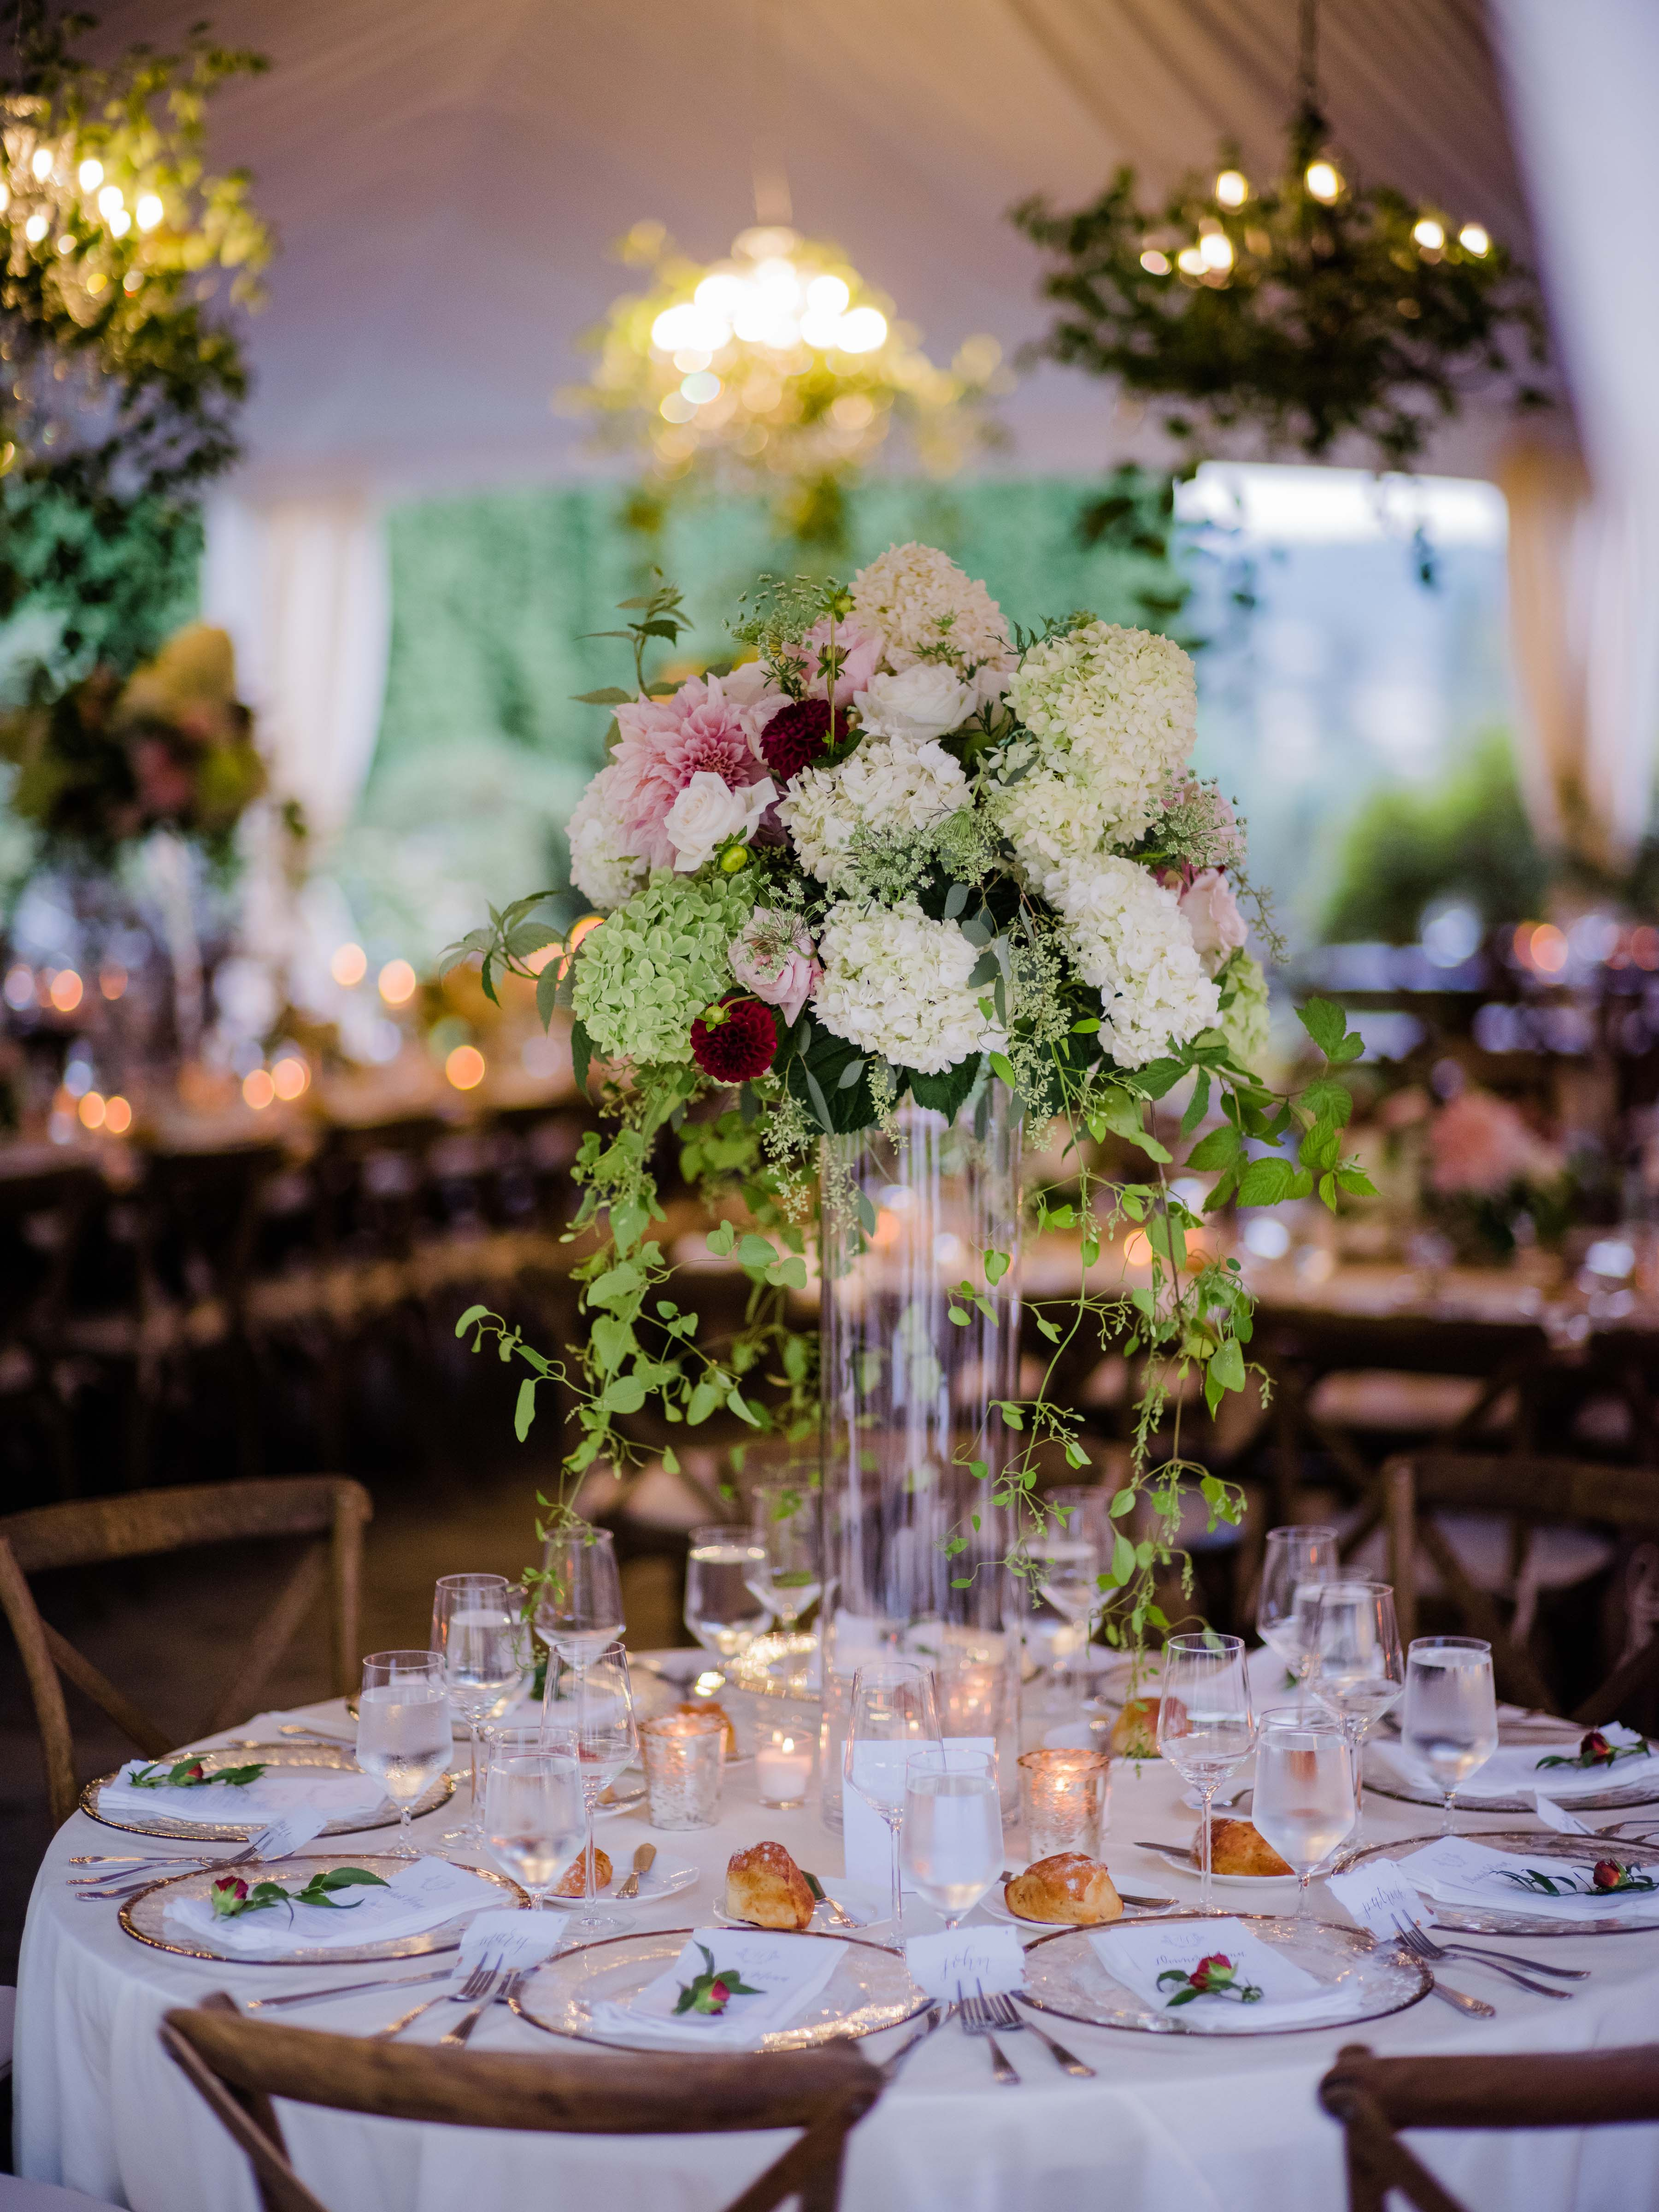 centerpiece at wedding reception